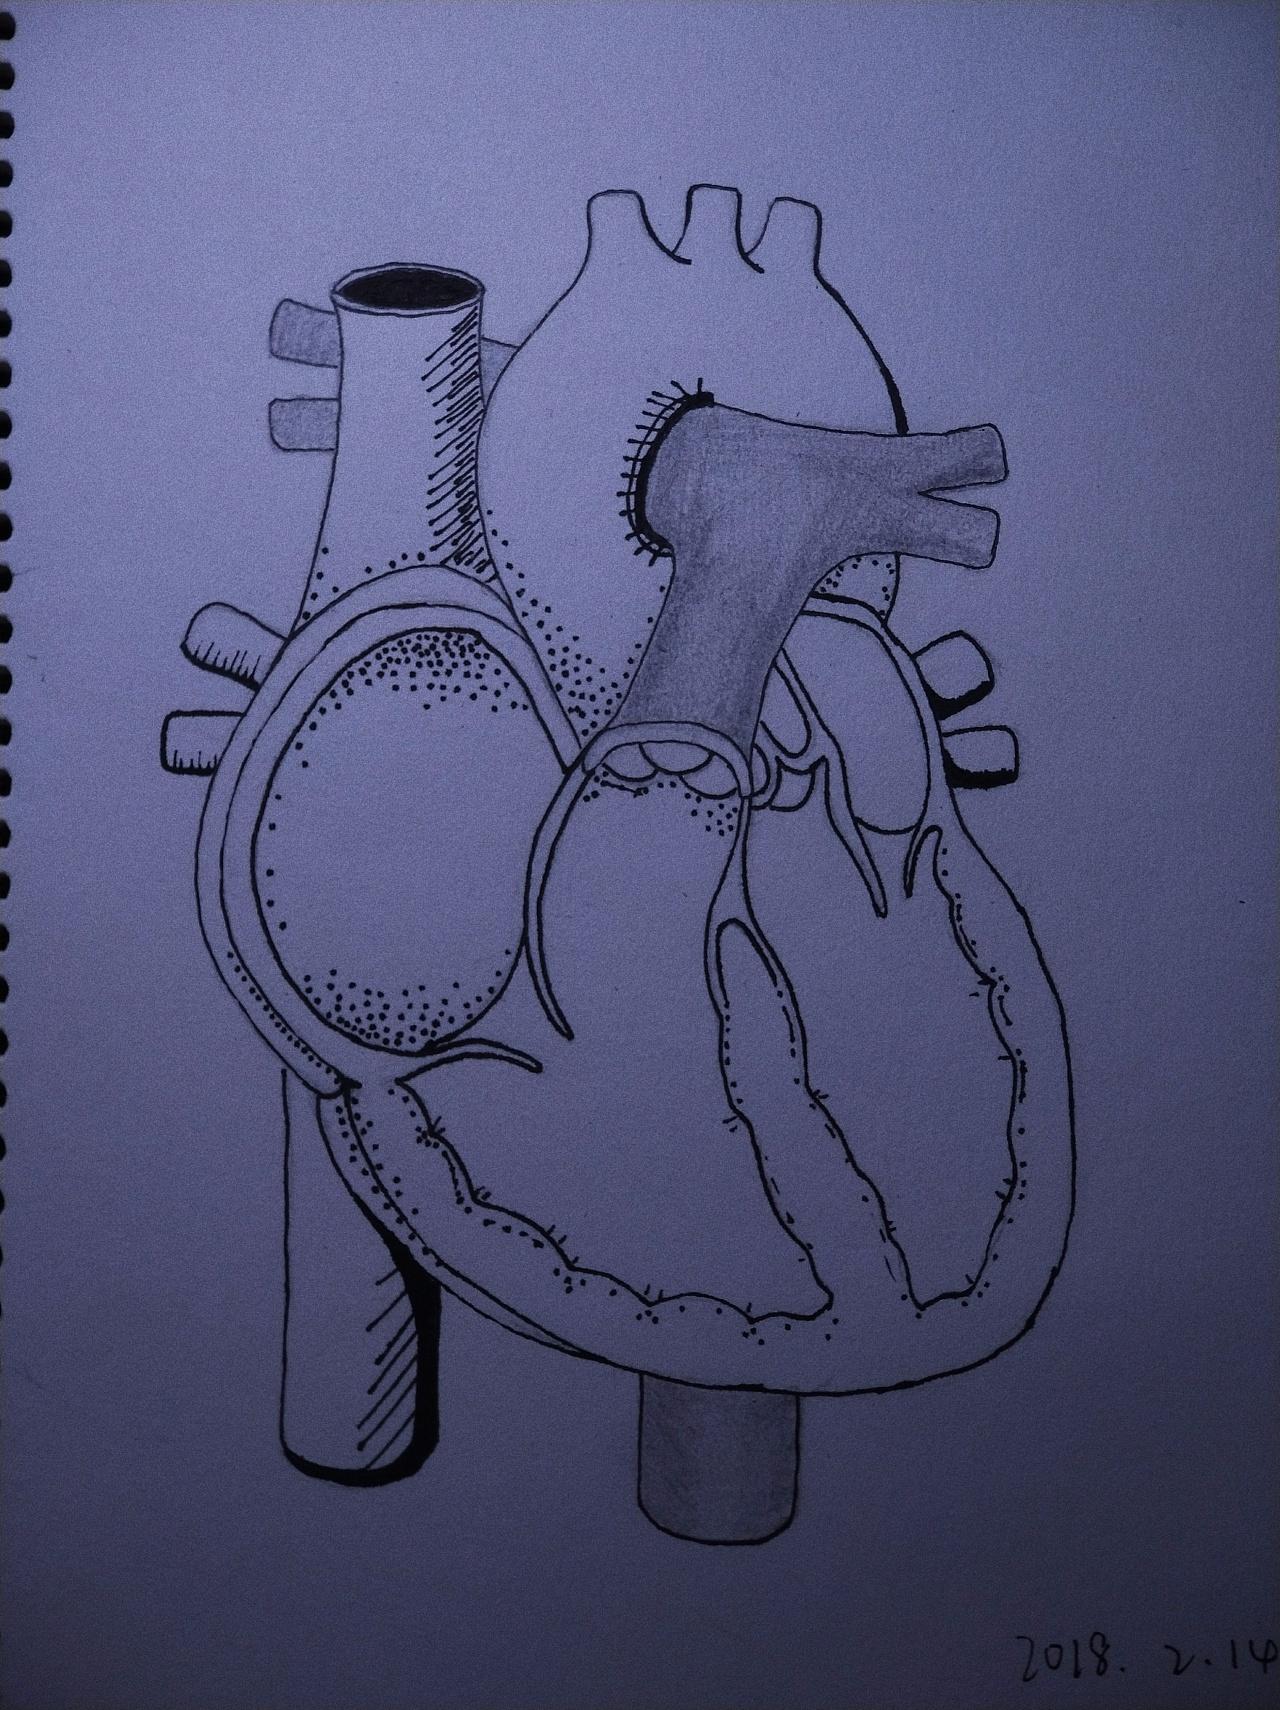 我在画一颗心脏图片